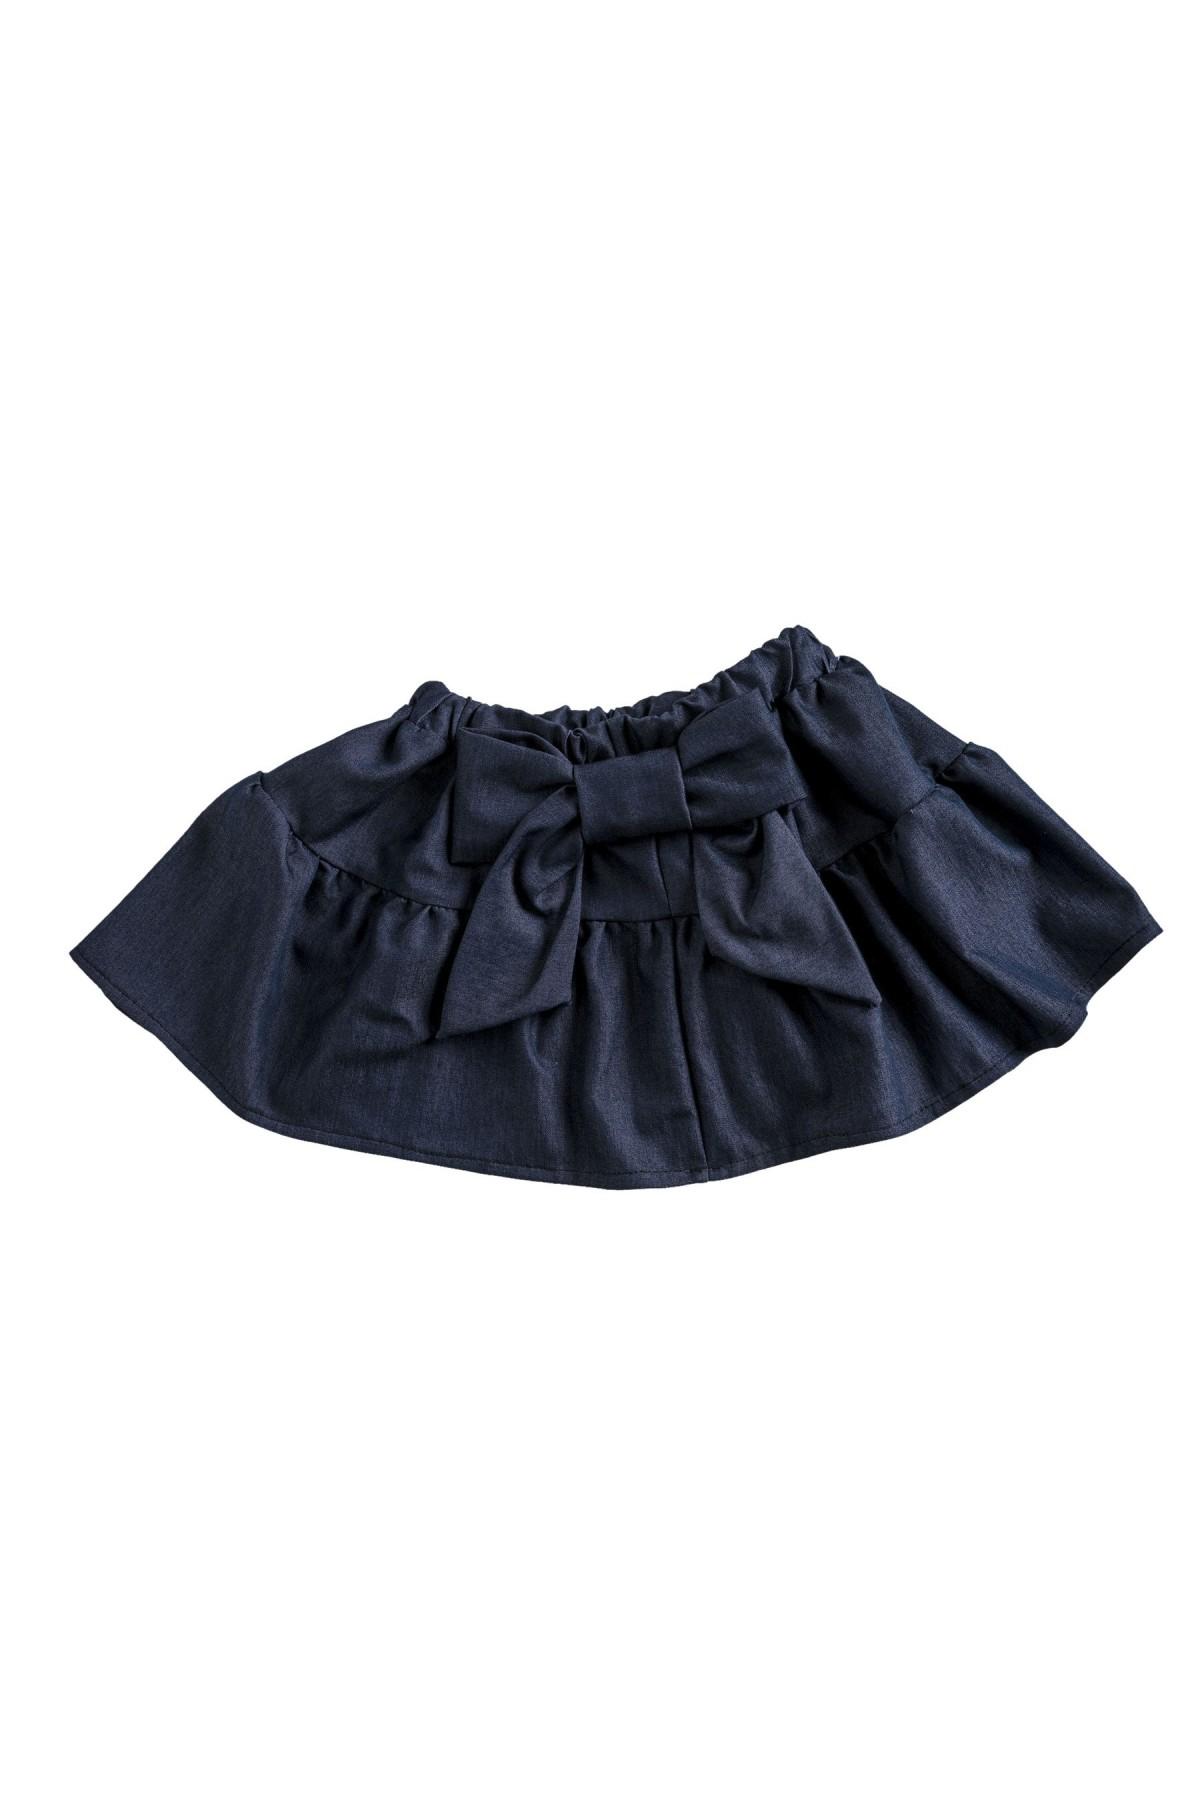 Τζιν φούστα με βολάν και φιόγκο